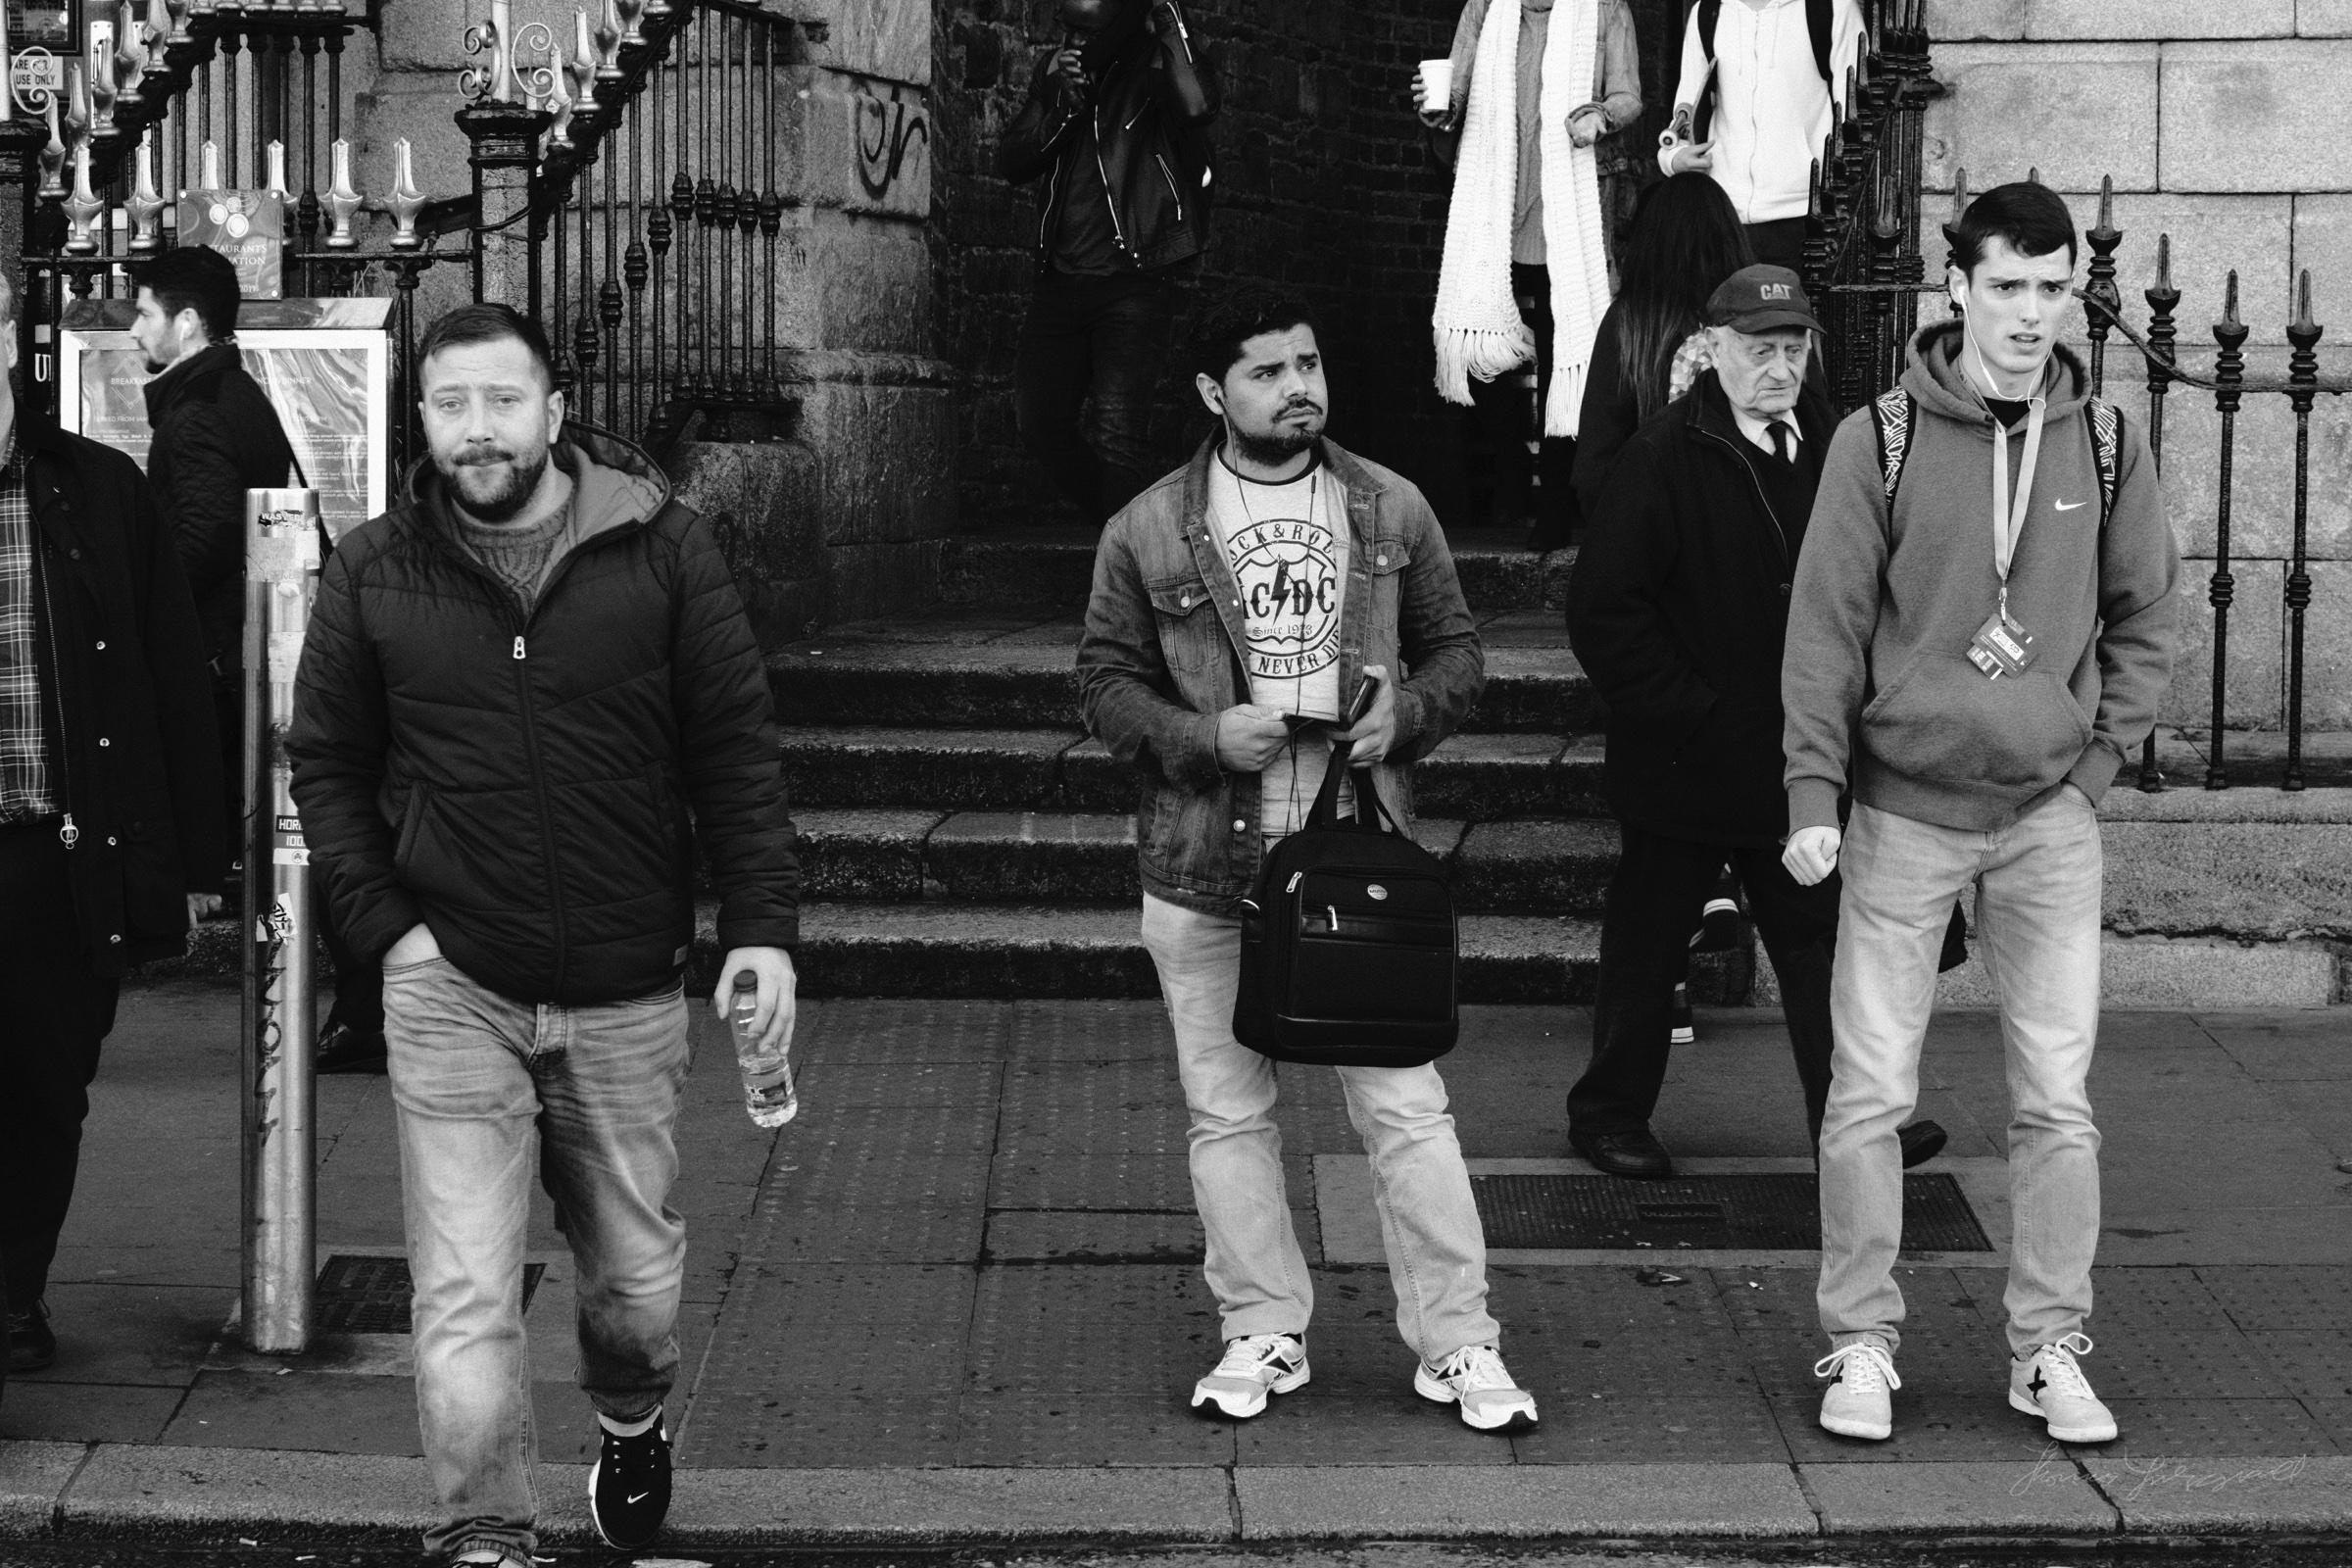 Street-Photography-Dublin-X-Pro2-Acros-015.jpg